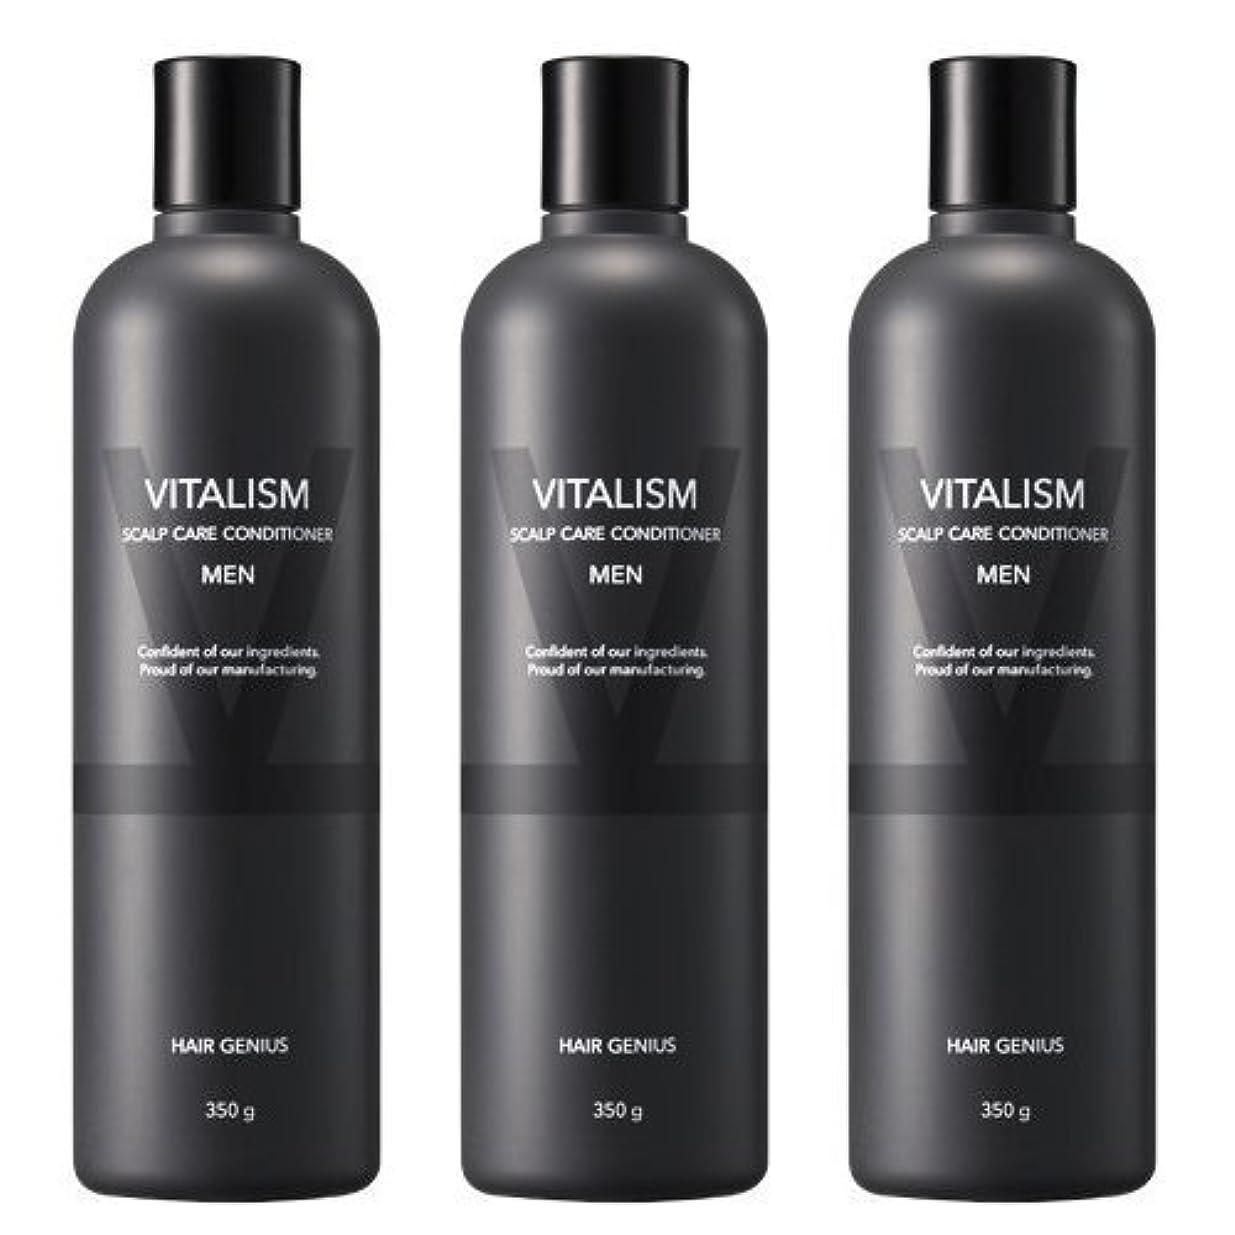 下線静かにご飯バイタリズム(VITALISM) スカルプケア コンディショナー ノンシリコン for MEN (男性用) 350ml ×3本